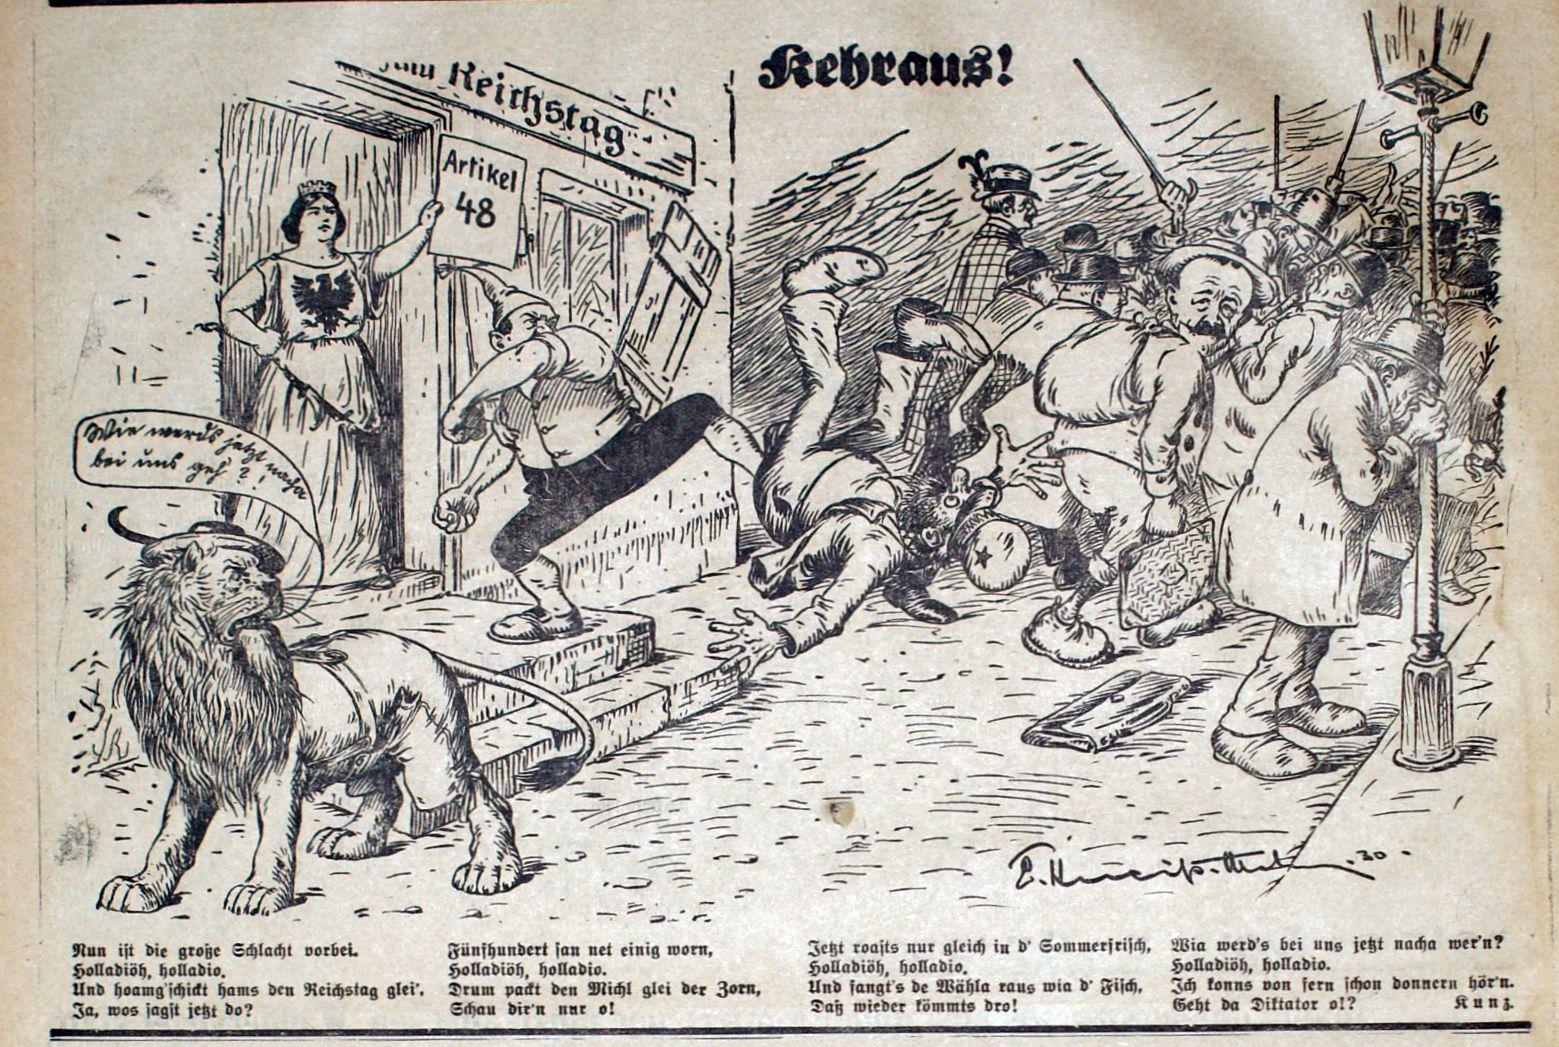 Bild: Kehraus! (Der Reichstag wird aufgelöst)